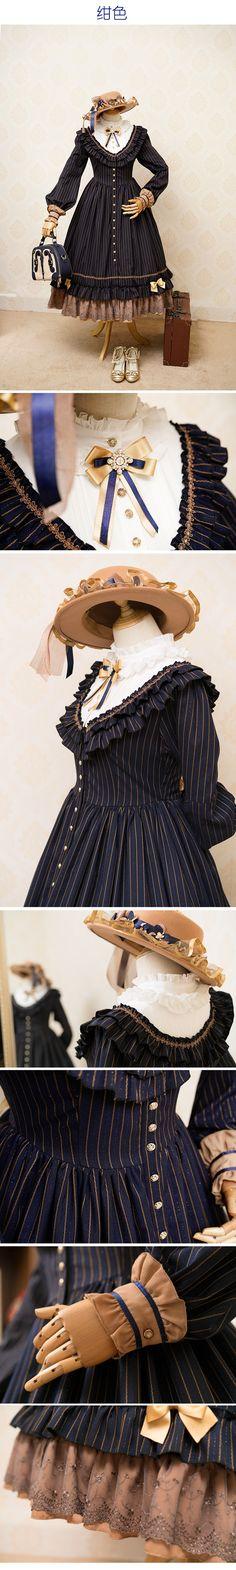 【幻之风原创lolita】~佛罗伦萨旅行者~优雅秋季开襟长裙【定金】-淘宝网全球站